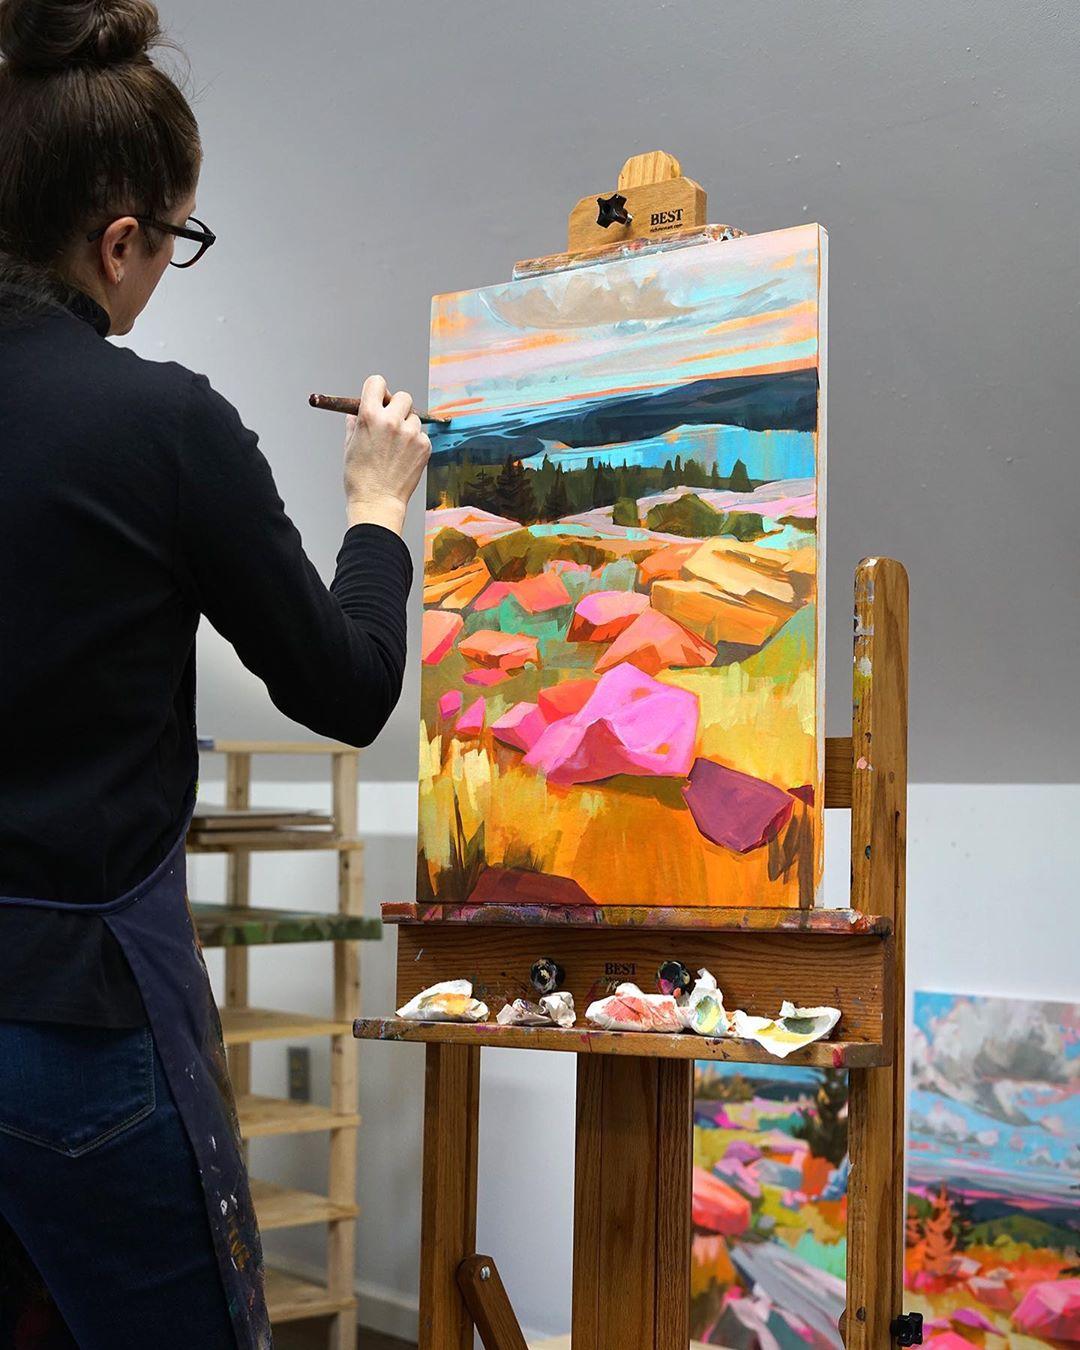 ხელოვნება, ფერწერა, არტი, ქვები, ოთხკუთხედი ხელოვნება, ბუნება, qwelly, blog, art